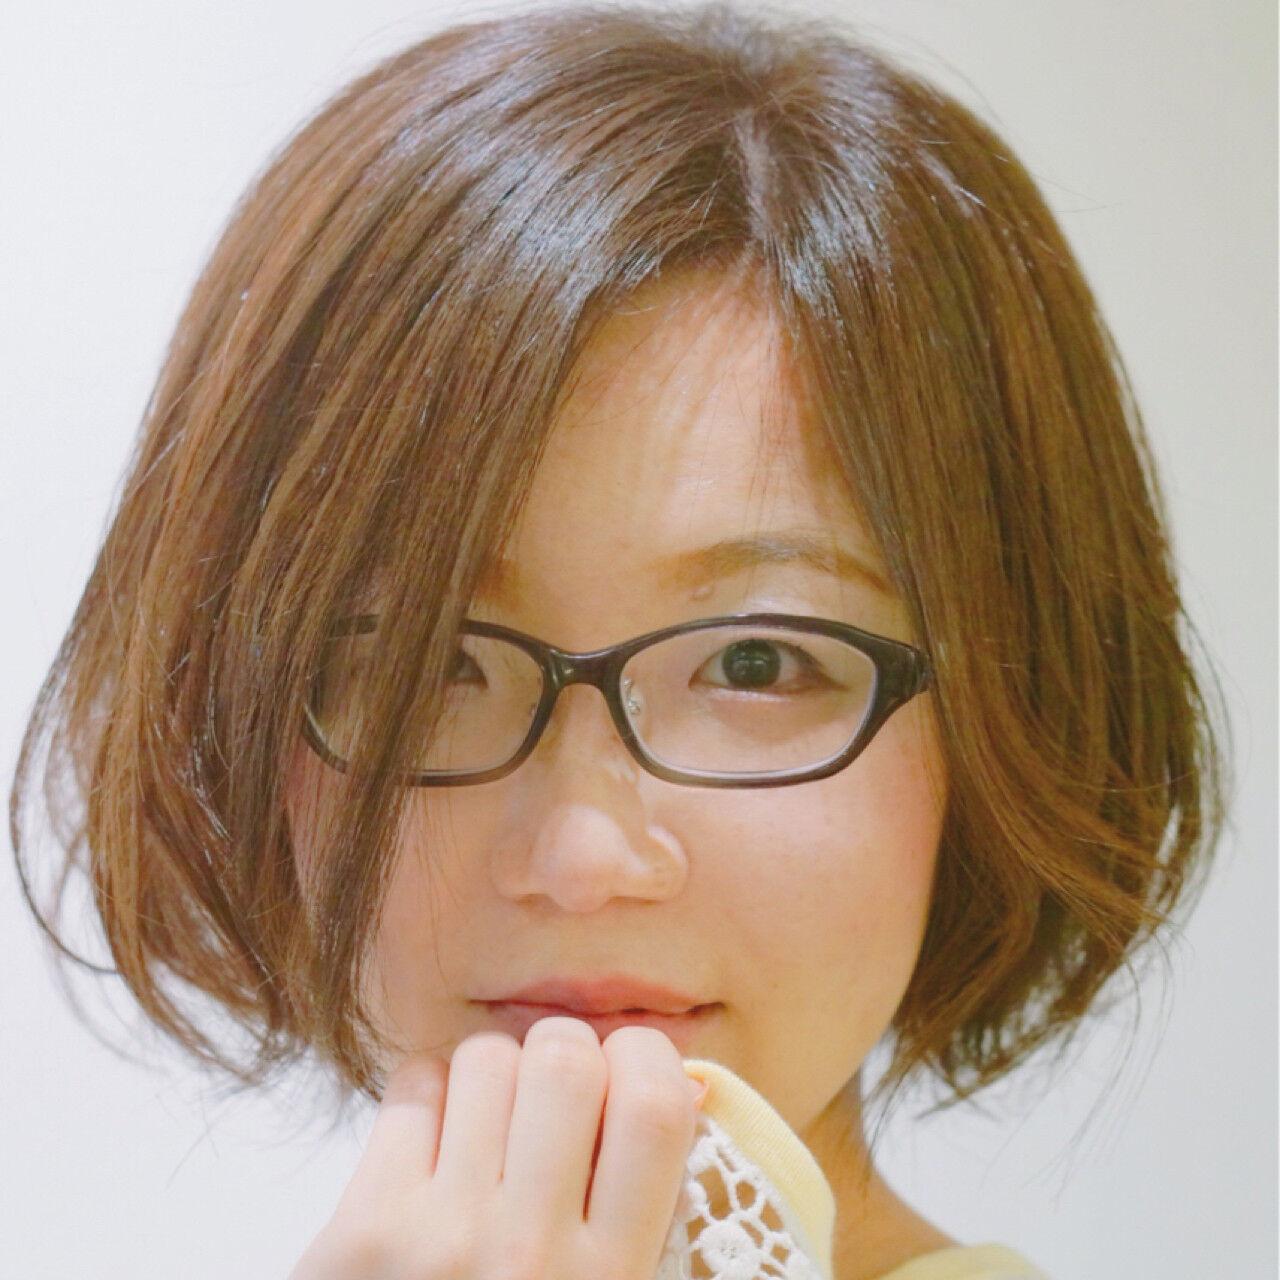 パーティ デート 簡単ヘアアレンジ ボブヘアスタイルや髪型の写真・画像